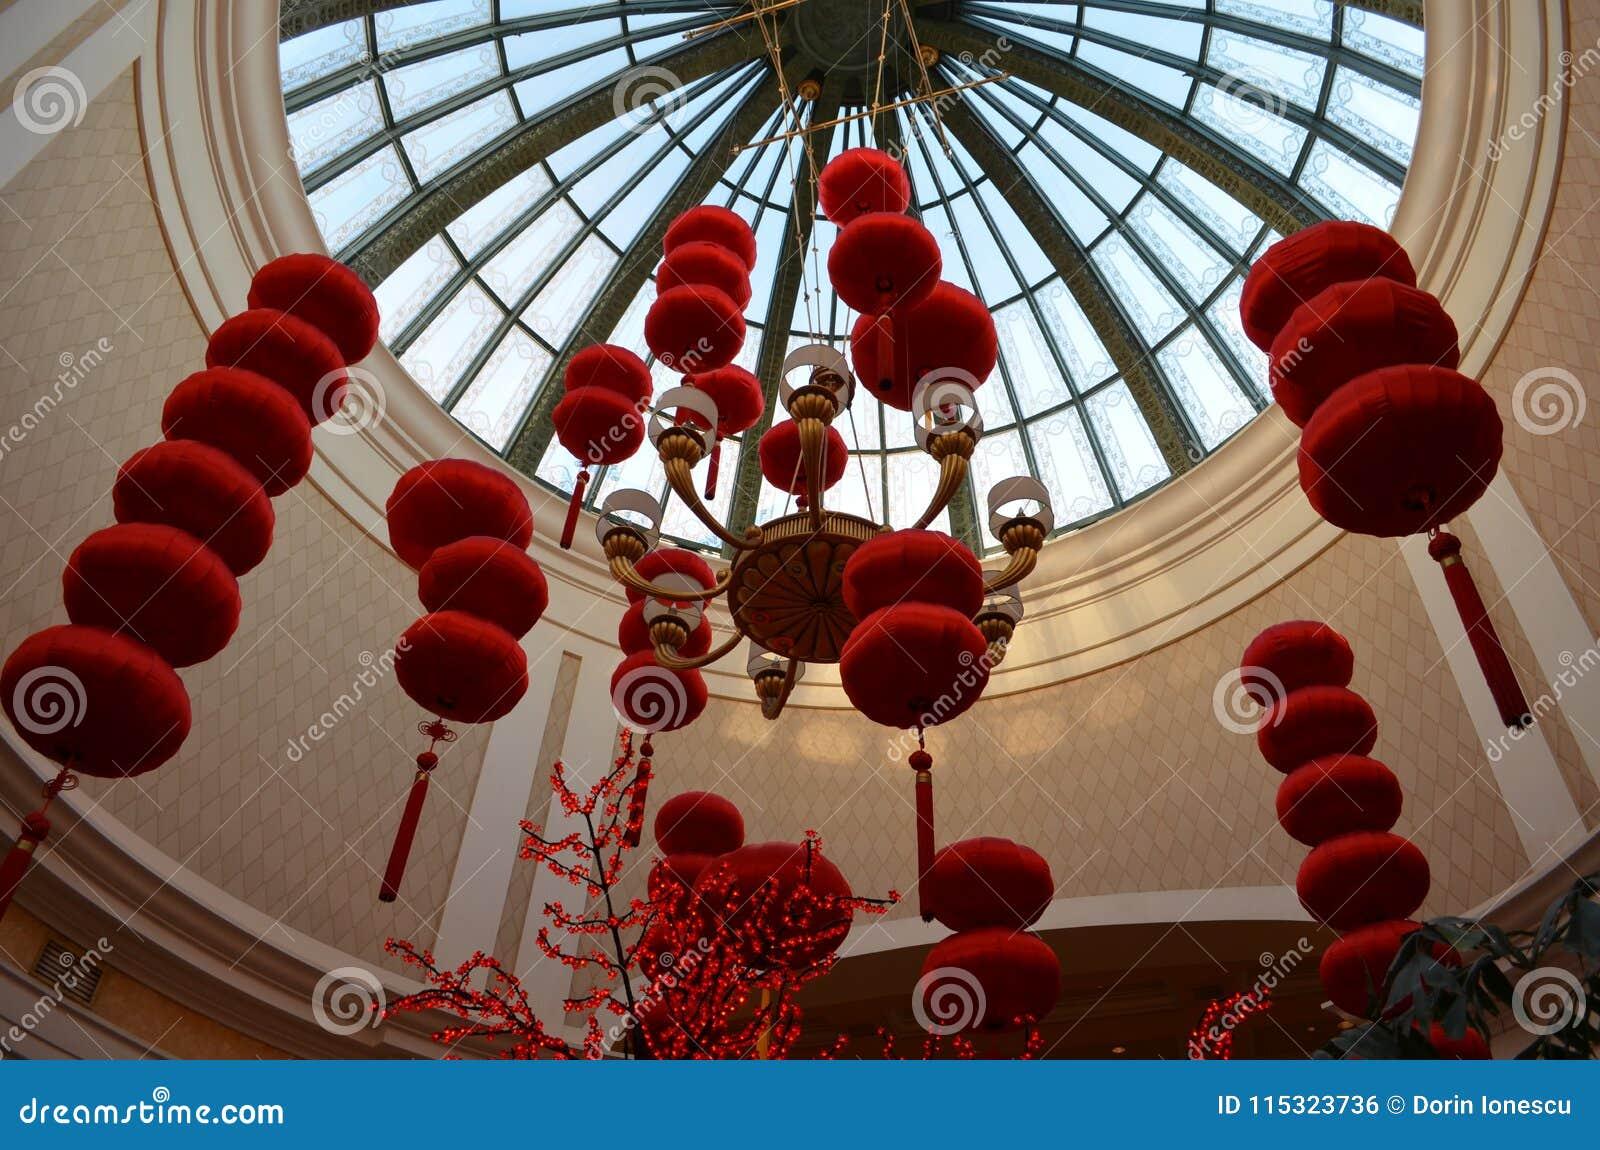 拉斯韦加斯大道,红色,编钟,响铃,锣,算盘,温室,托儿所,玻璃温室